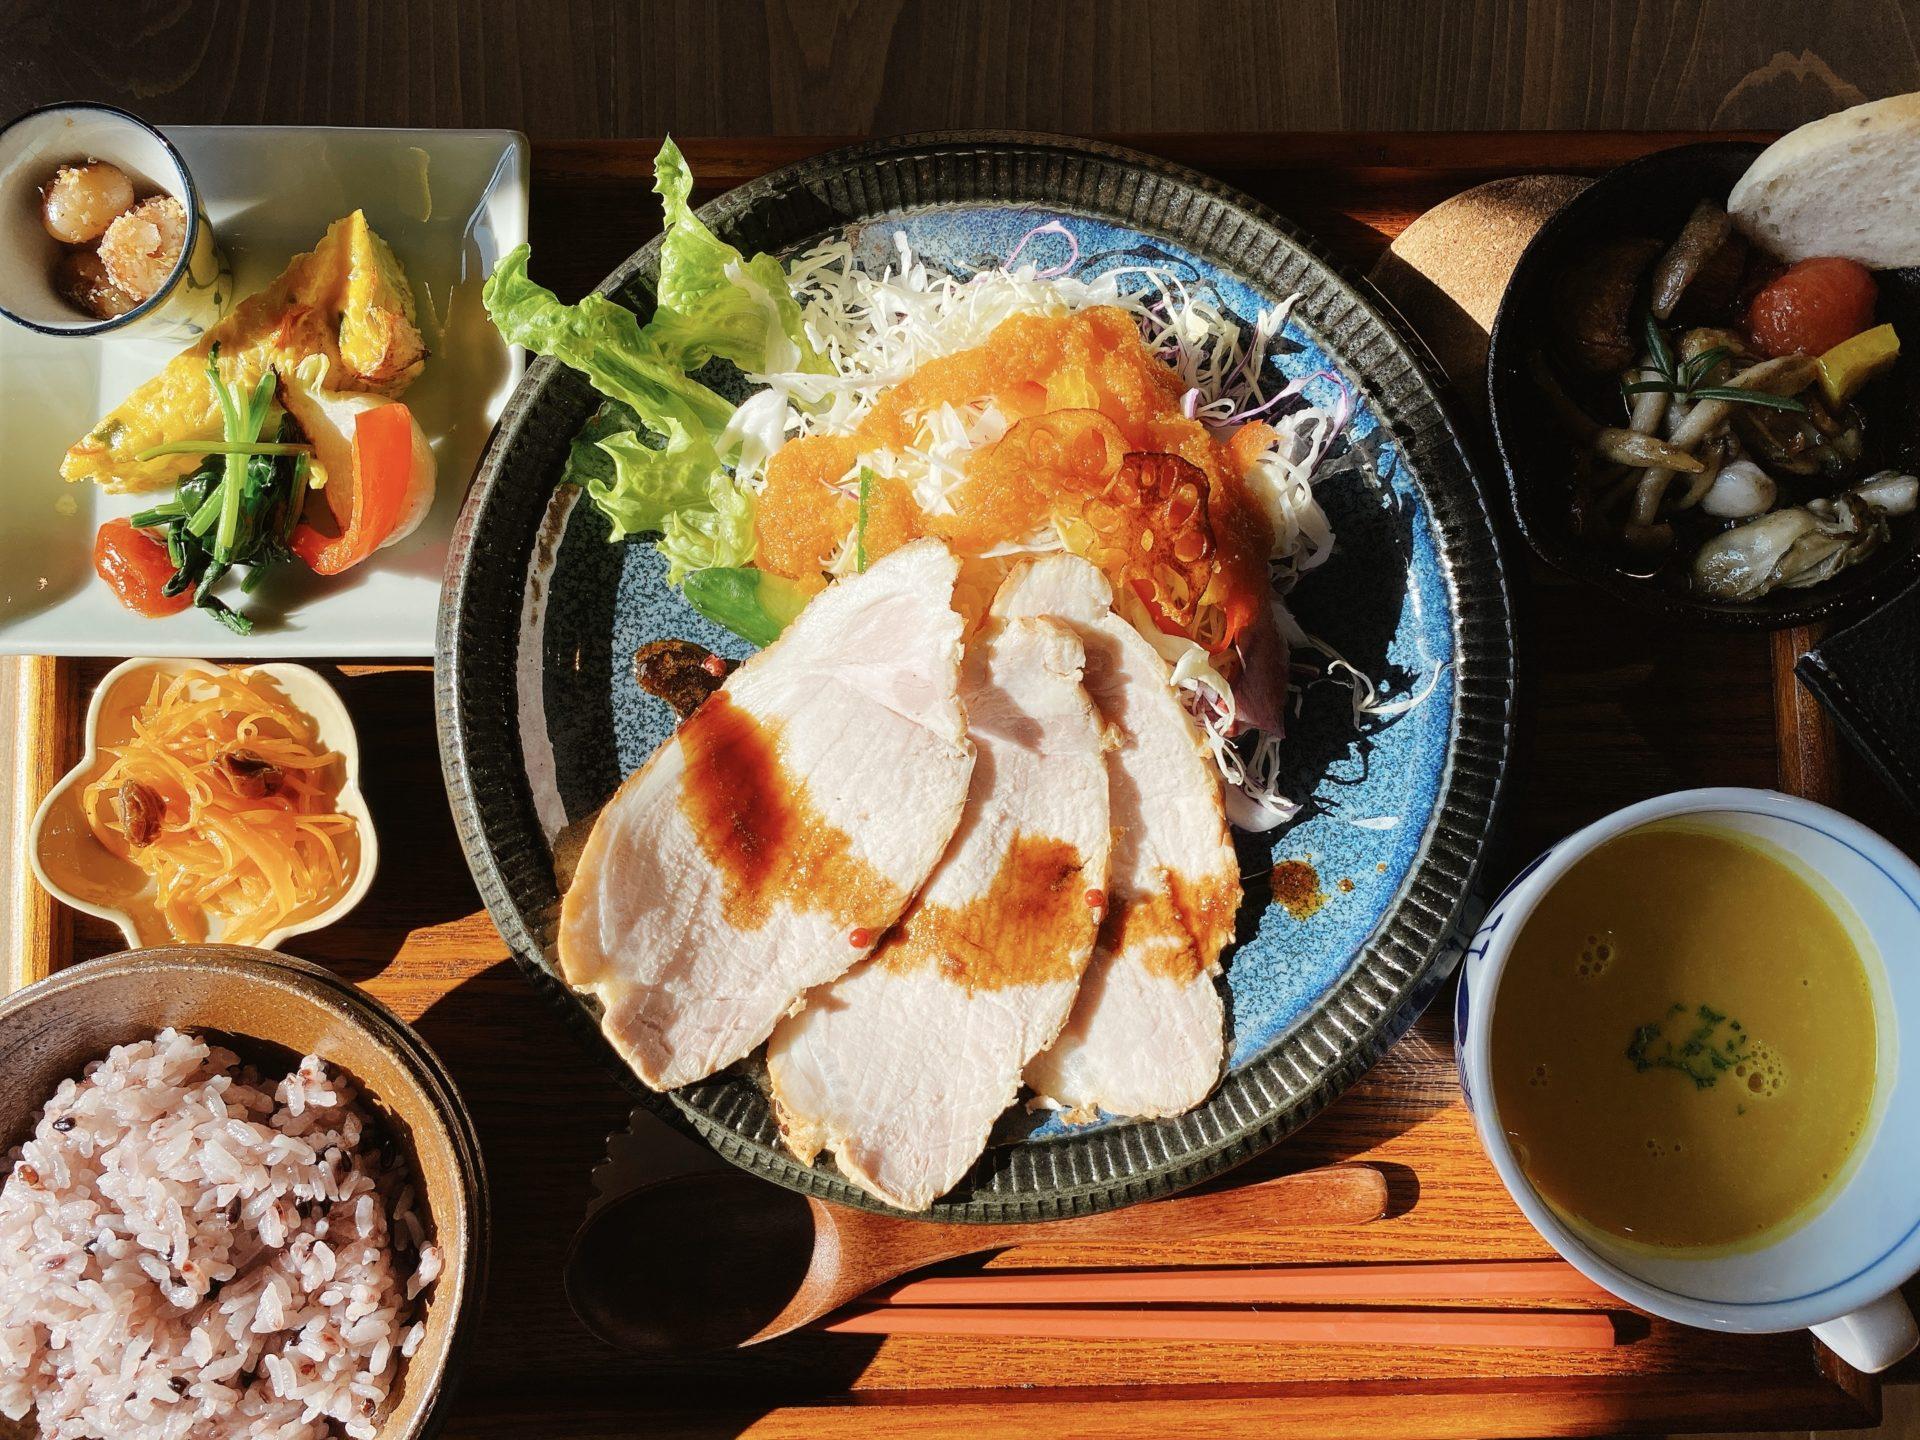 備前市日生町 寒河駅から徒歩5分 古民家カフェ【 天goo(てんぐー)】の健康をテーマにしたランチは超おススメ!